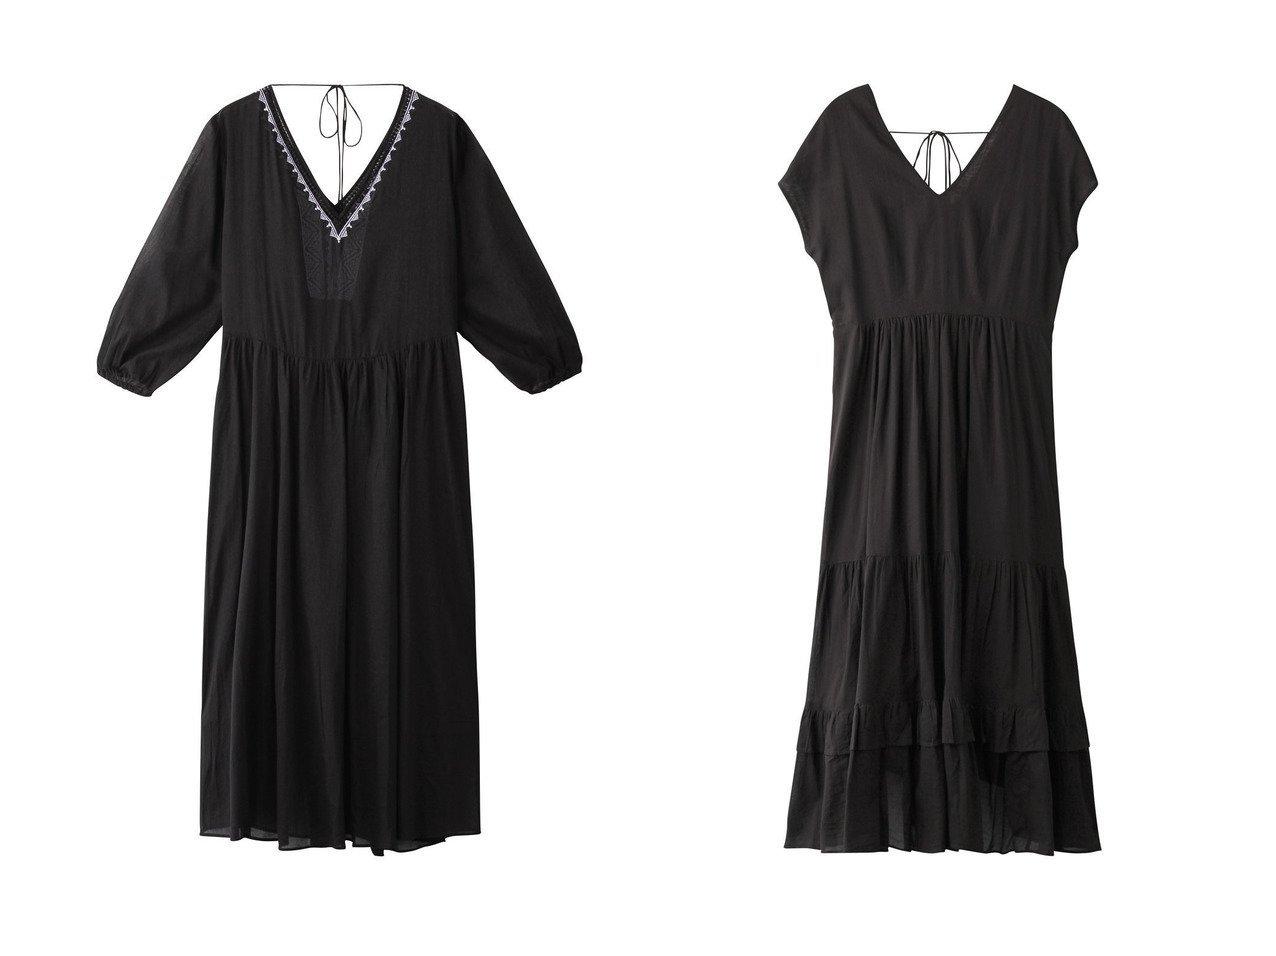 【NE QUITTEZ PAS/ヌキテパ】のボイルエンブロイダリーVネックドレス&コットンボイルバックリボンドレス 【ワンピース・ドレス】おすすめ!人気、トレンド・レディースファッションの通販 おすすめで人気の流行・トレンド、ファッションの通販商品 インテリア・家具・メンズファッション・キッズファッション・レディースファッション・服の通販 founy(ファニー) https://founy.com/ ファッション Fashion レディースファッション WOMEN ワンピース Dress ドレス Party Dresses エンブロイダリー ドレス フェミニン リゾート ロング ティアード フリル リボン 今季  ID:crp329100000049455